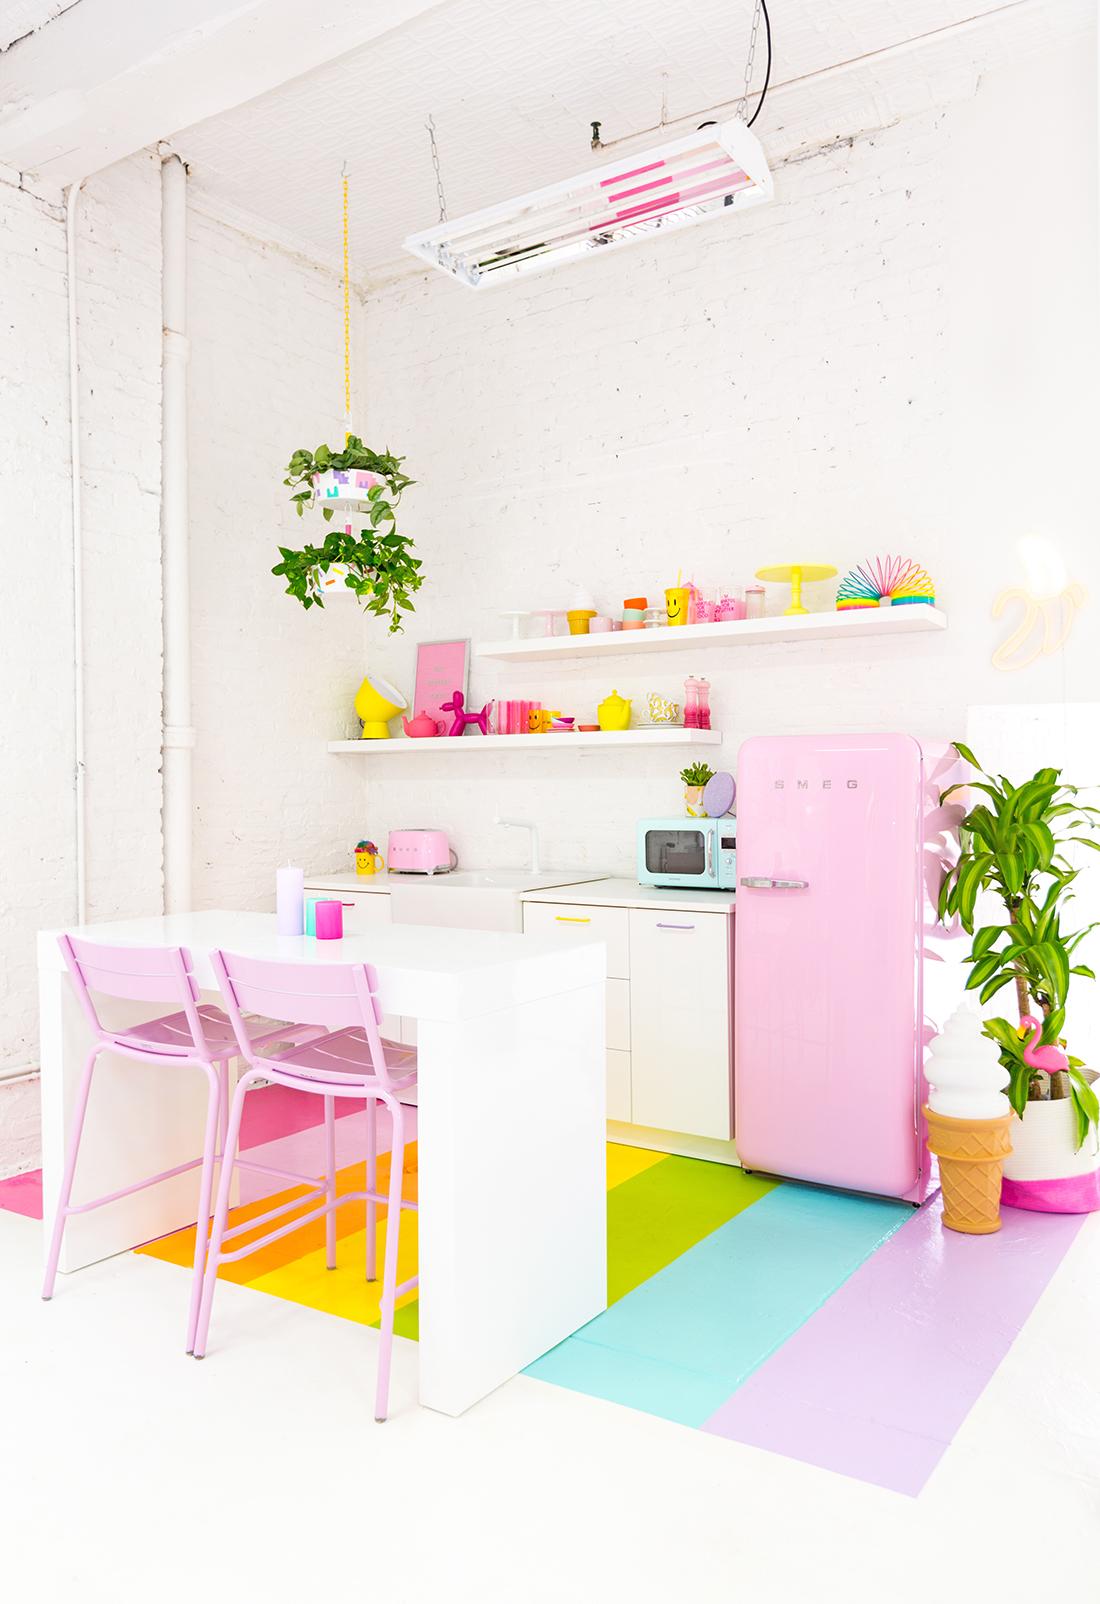 Cozinha arco-íris: um ambiente super fofo e divertido